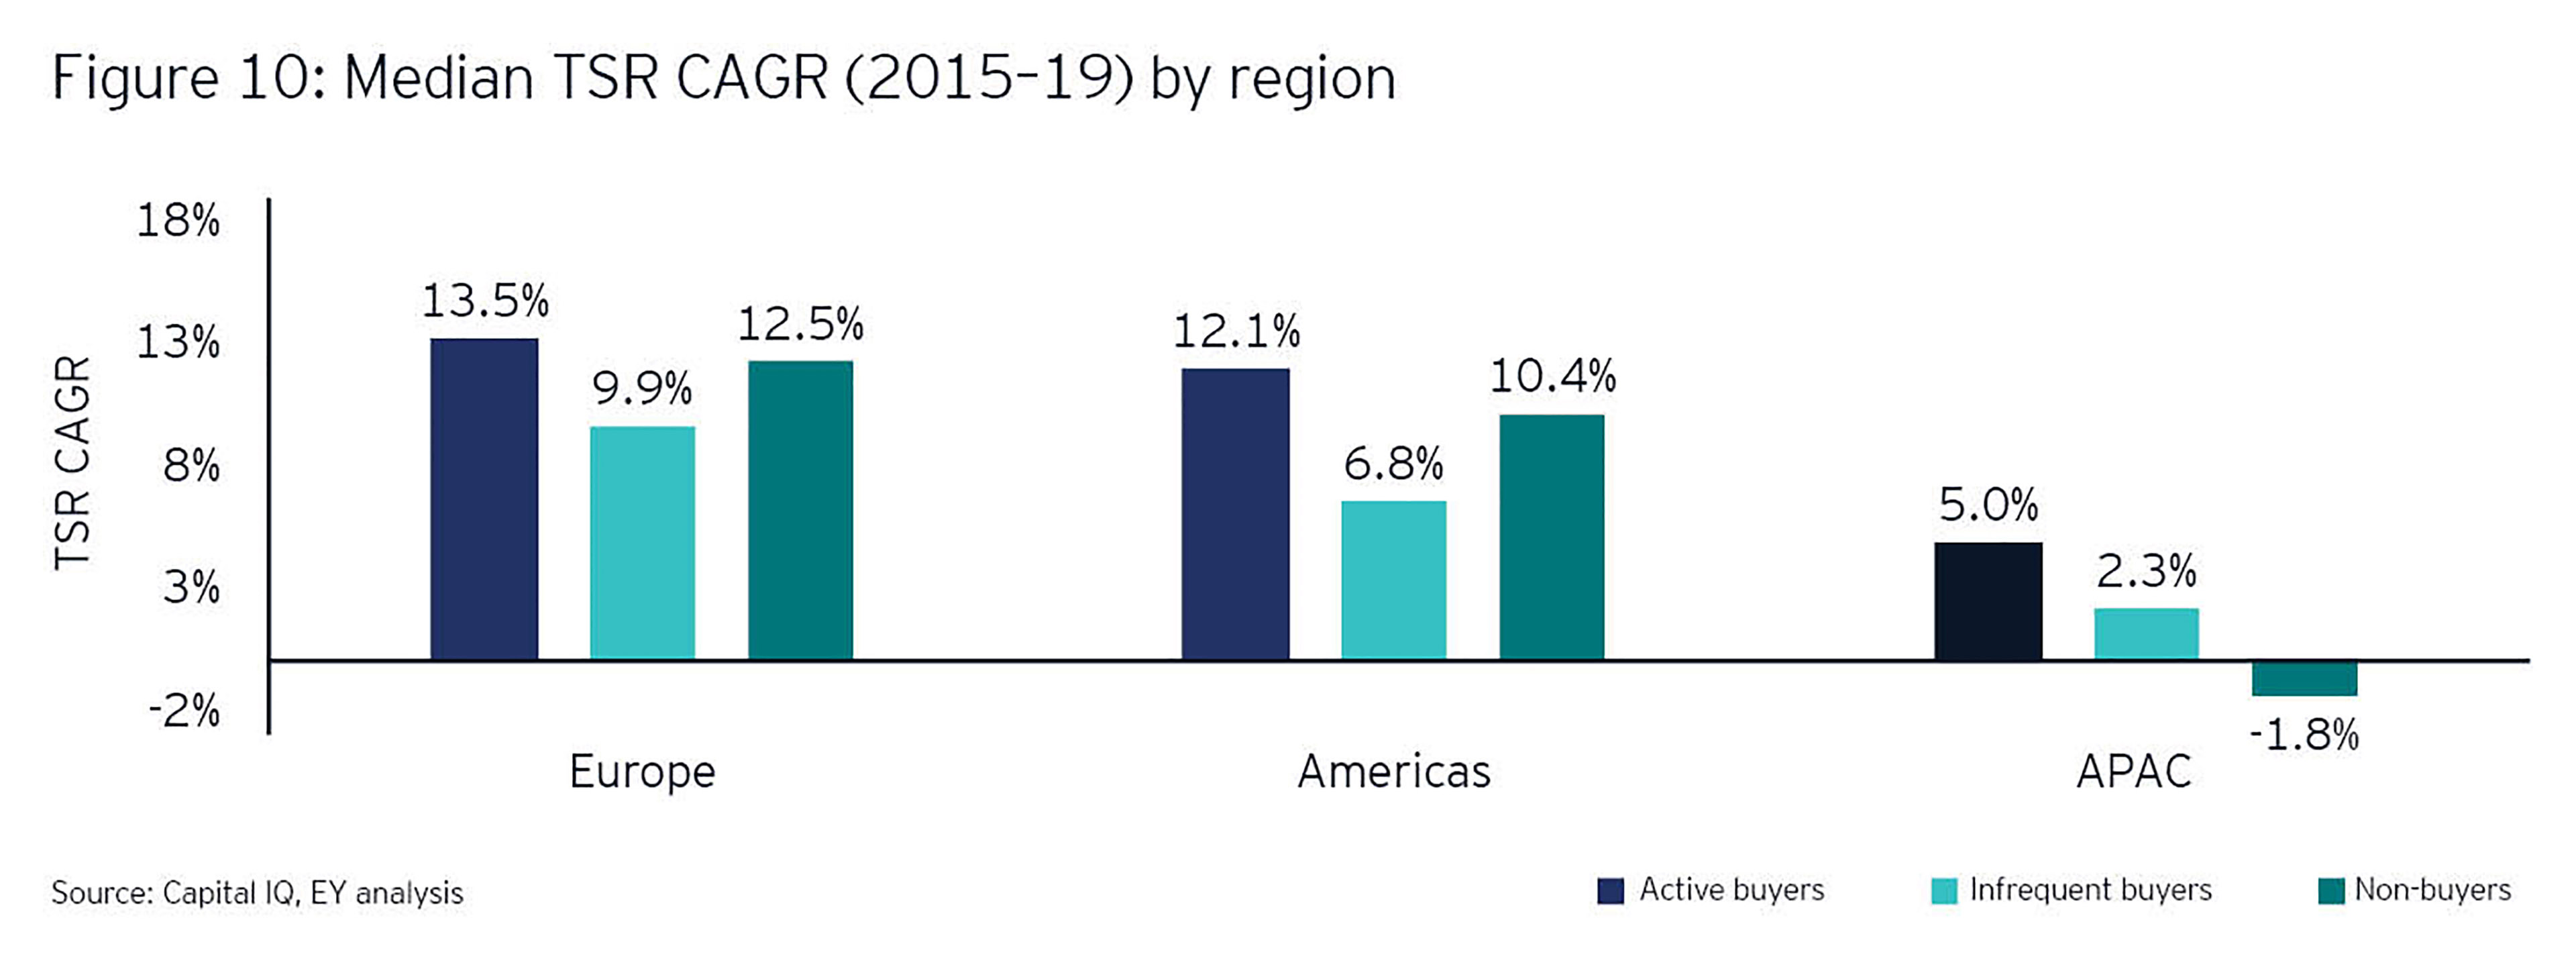 Median TSR CAGR by region